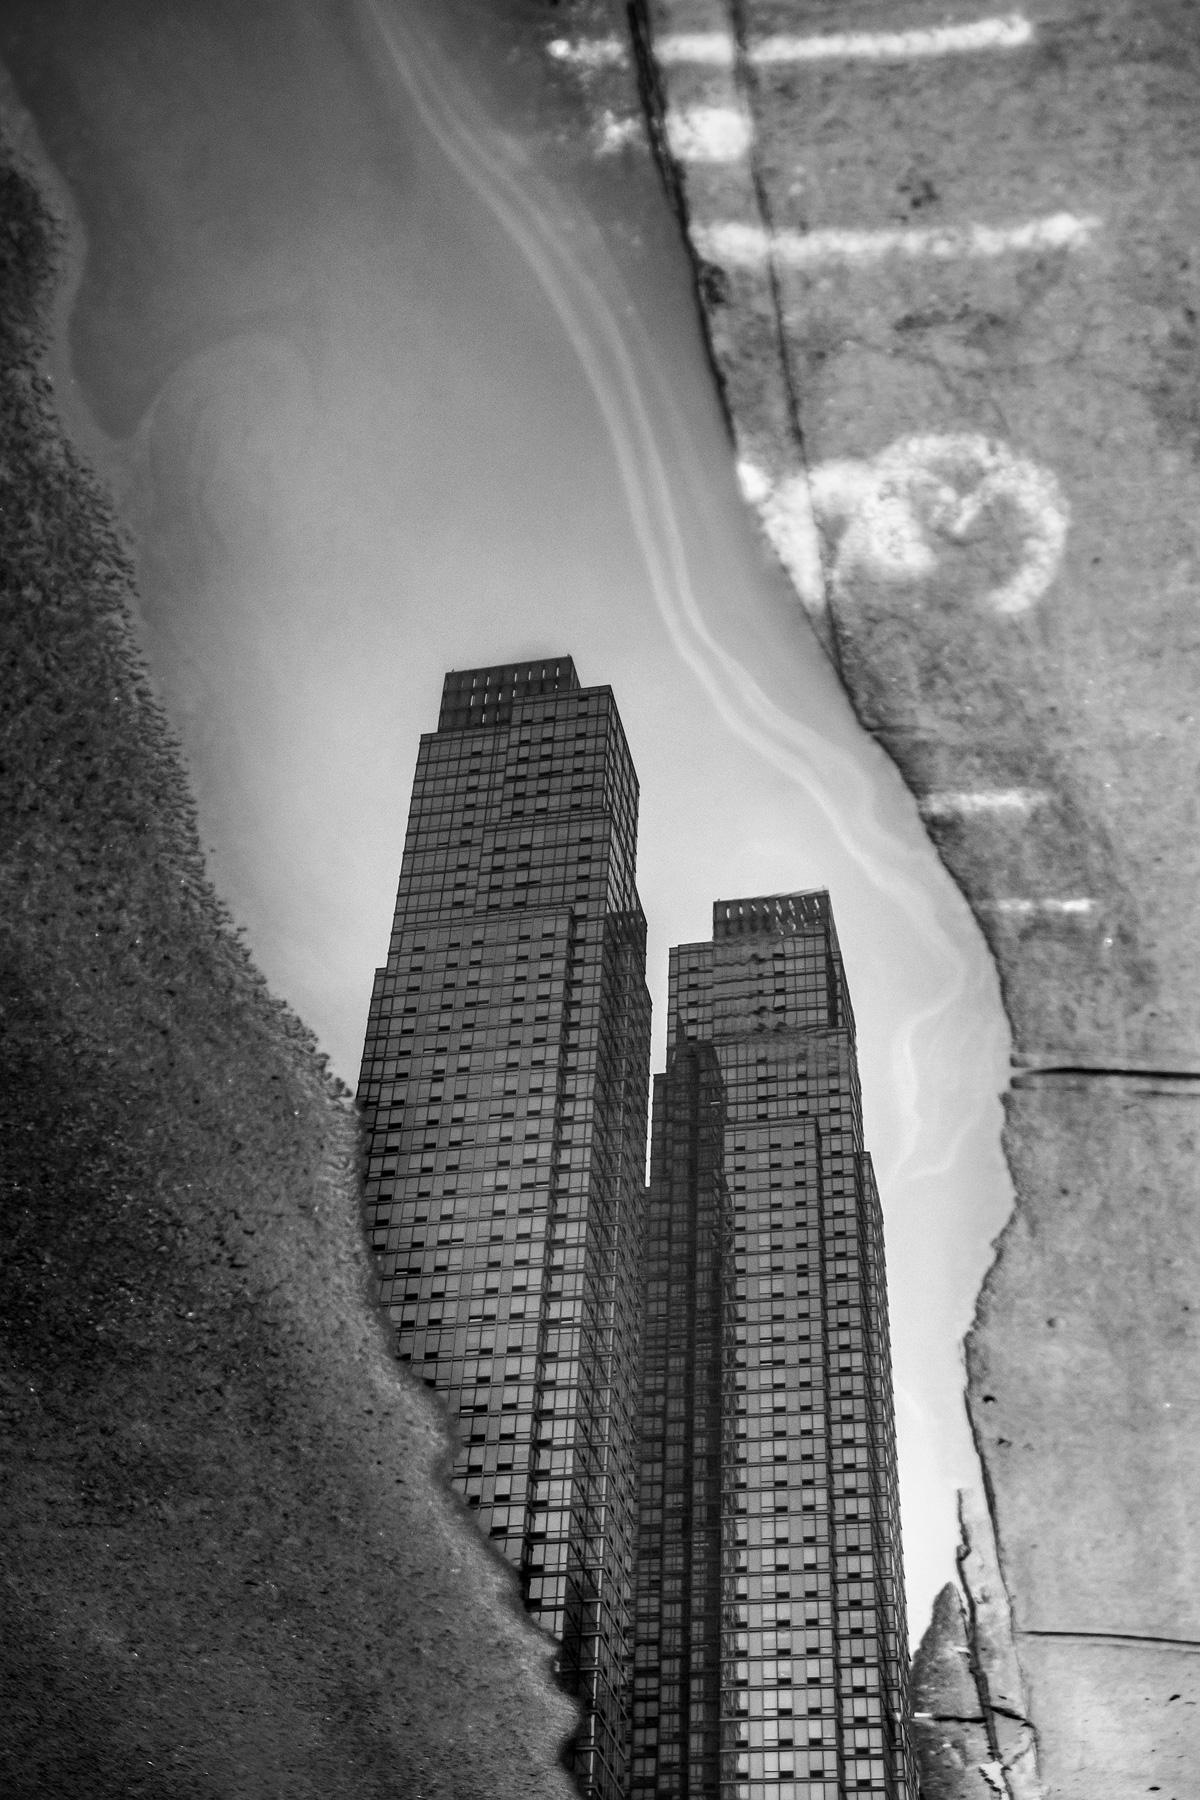 Streetfotographie: 8 Tipps für bessere Fotos auf Städtetrips 5